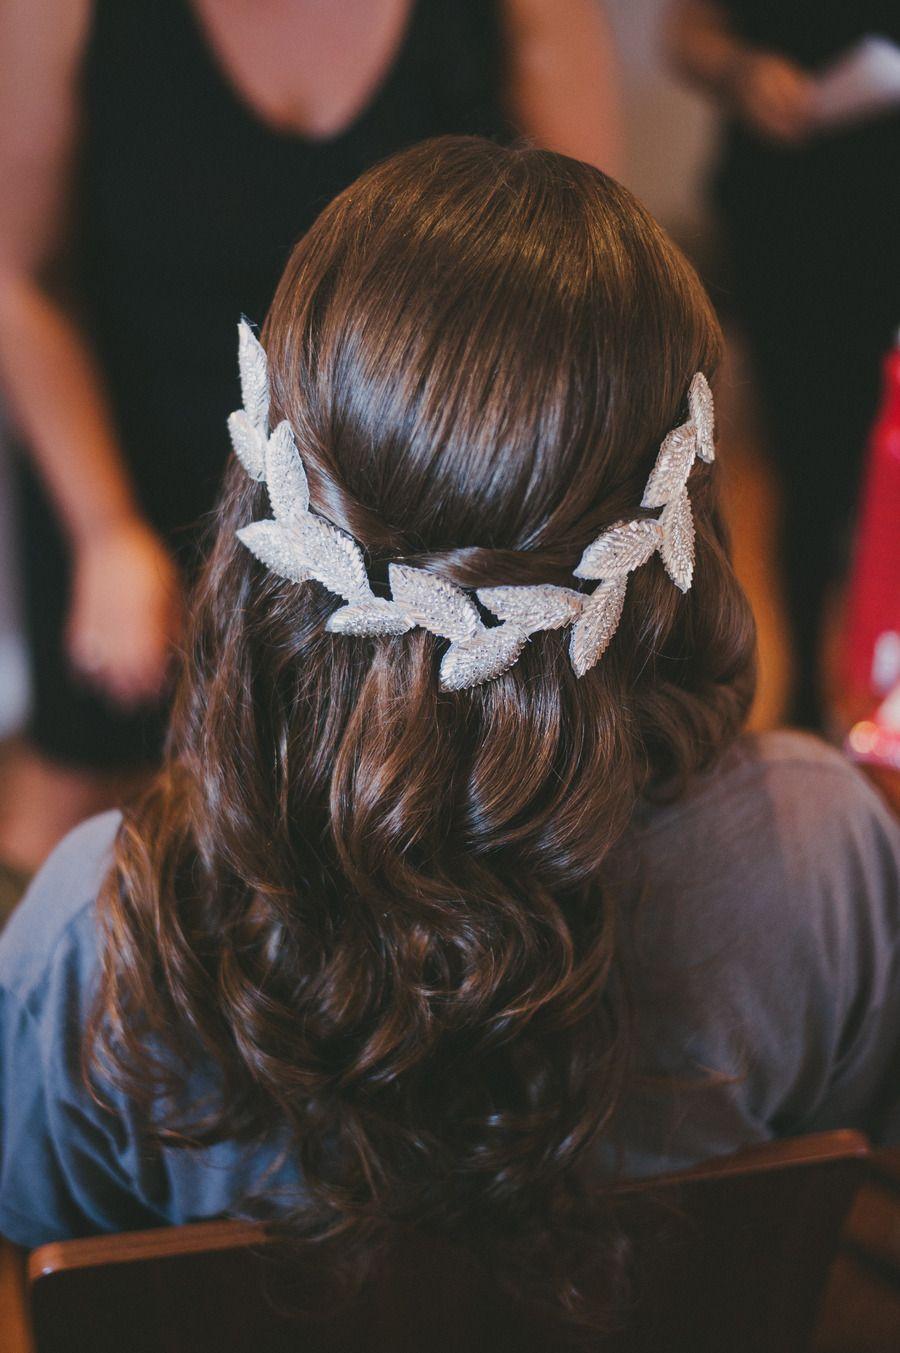 Beautiful hair piece | Modern Rhode Island Wedding by Alexandra Roberts  Read more - http://www.stylemepretty.com/massachusetts-weddings/2013/09/18/modern-rhode-island-wedding-by-alexandra-roberts/